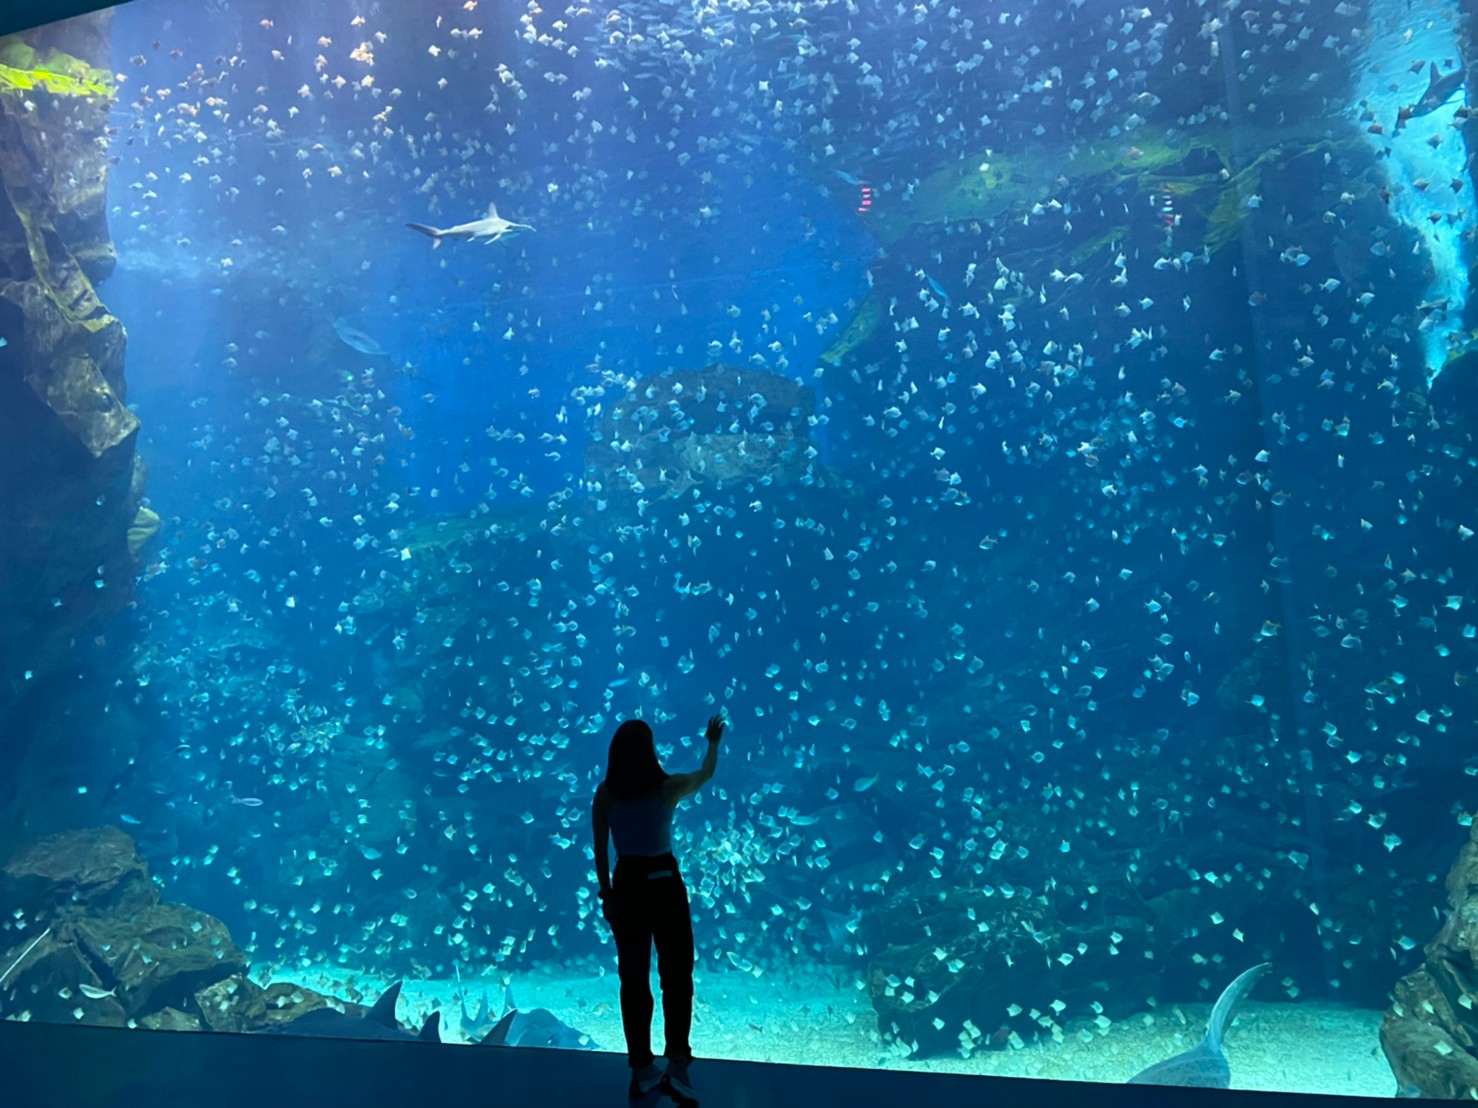 【桃園青埔水族館Xpark】展區介紹、購票方式及票價、營業時間、交通、和逸飯店桃園館懶人包